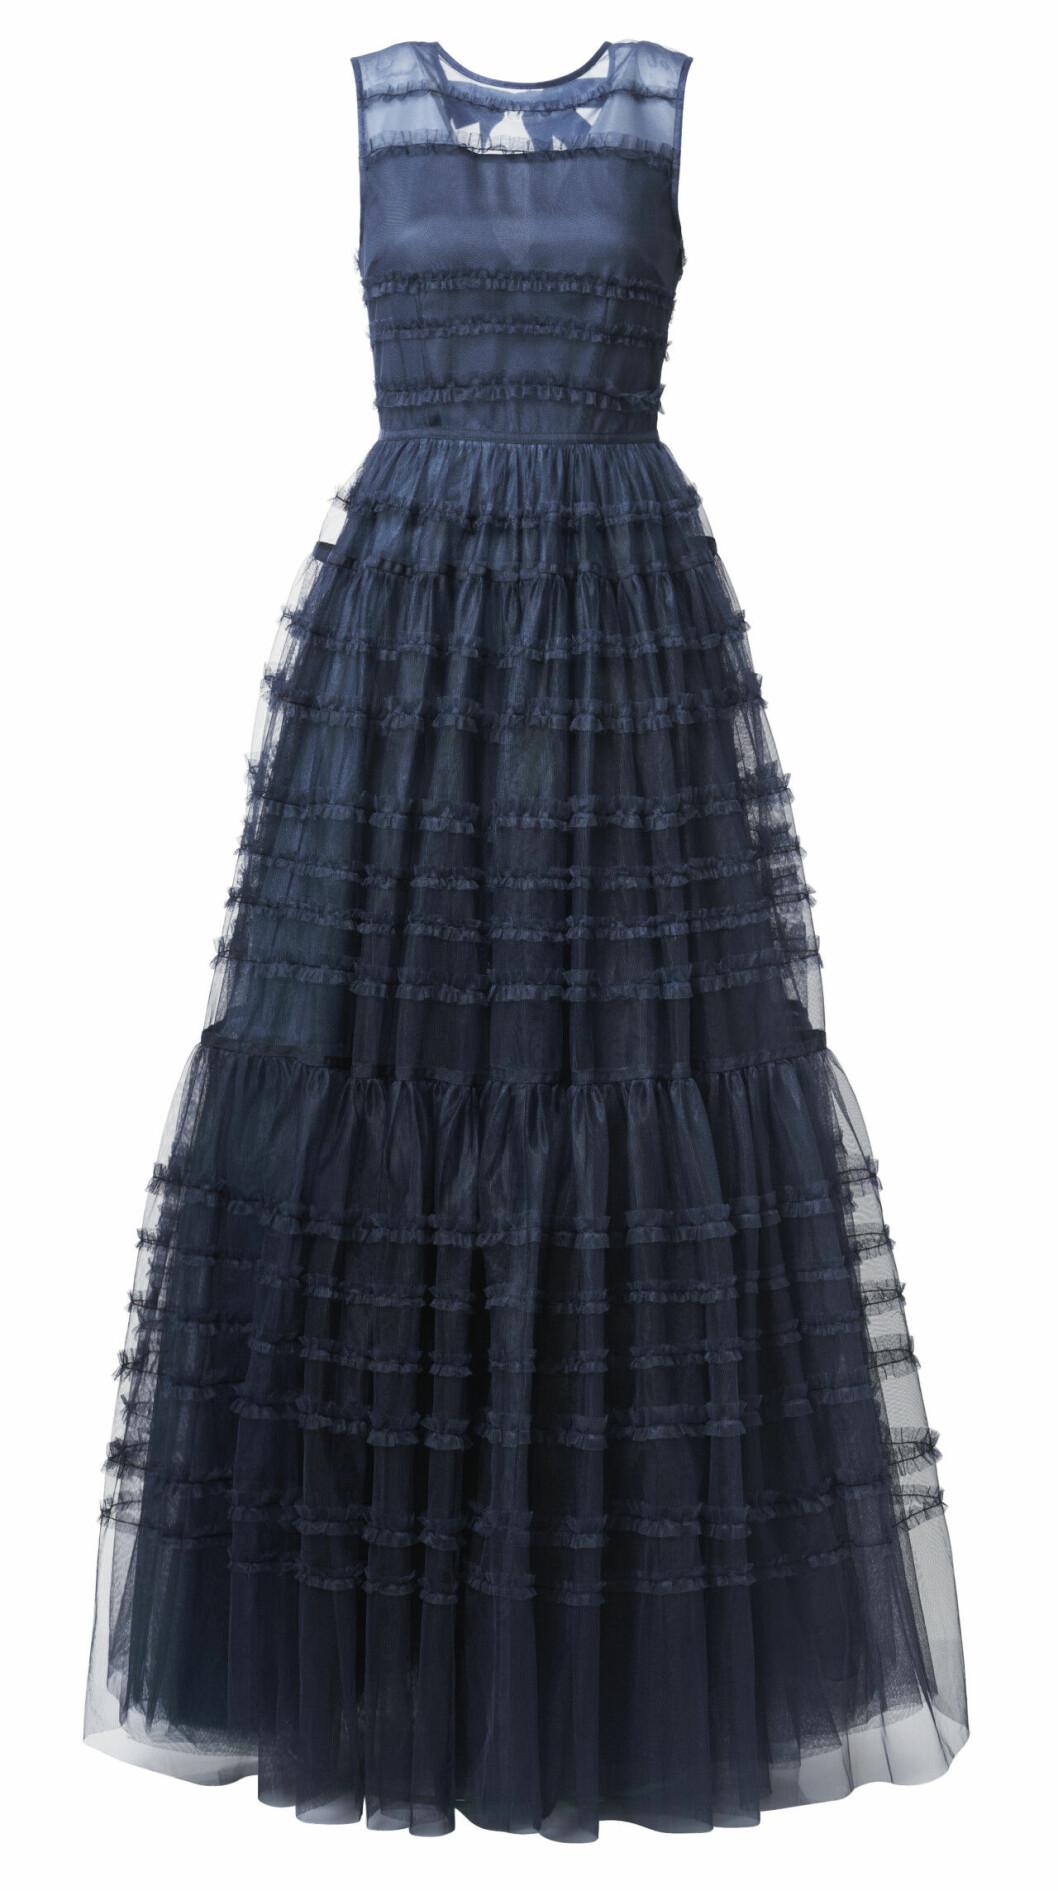 H&M conscious exclusive SS20 – blå maxiklänning